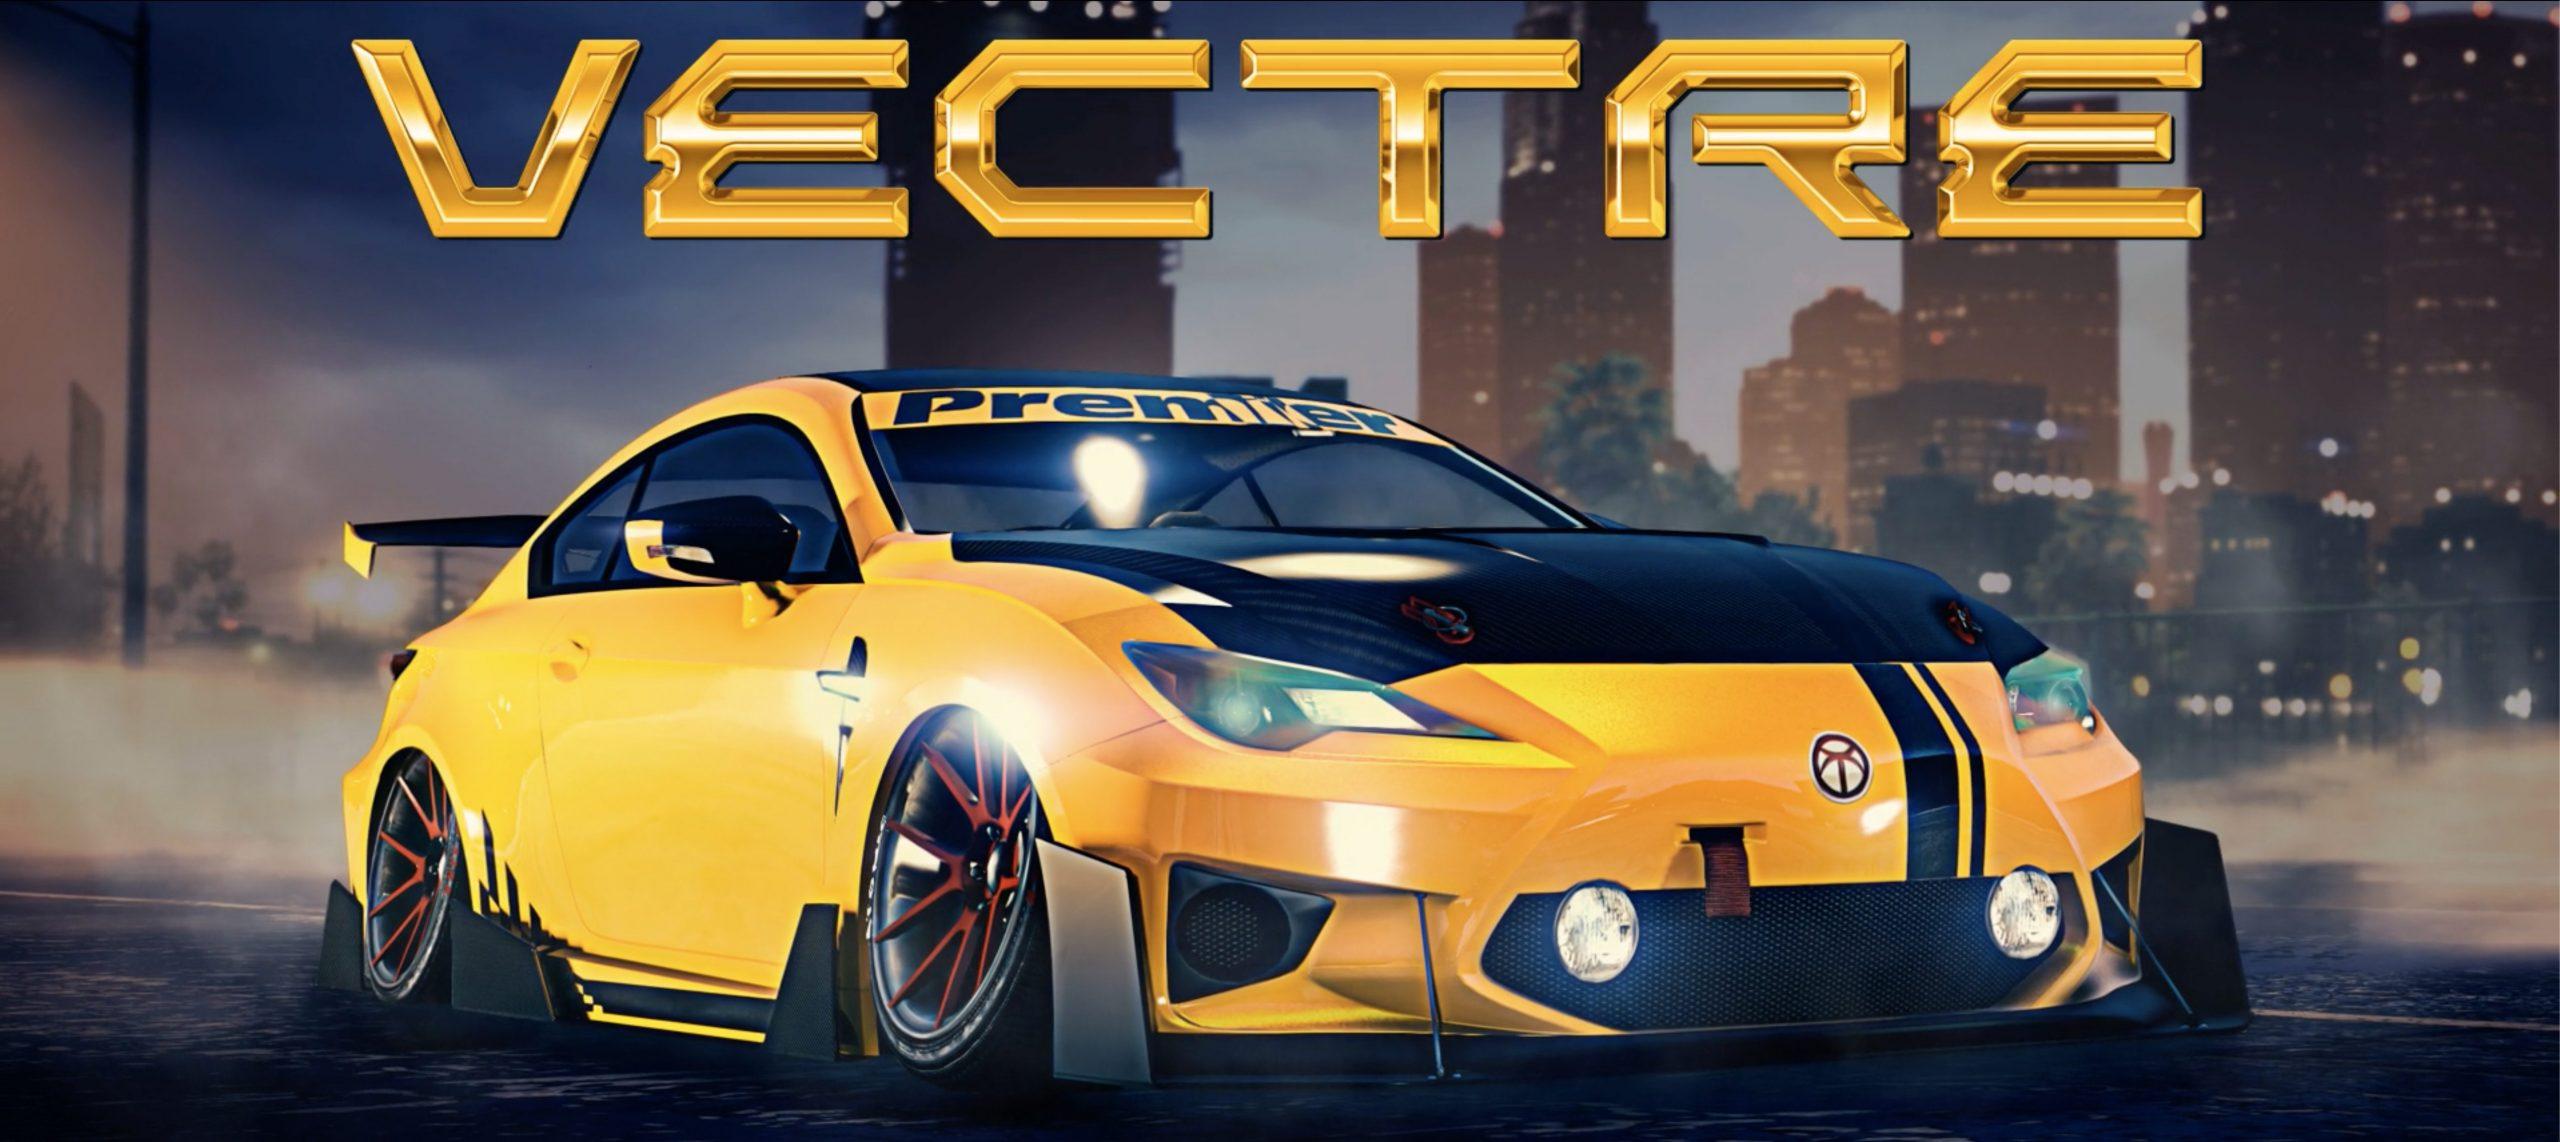 La nouvelle Emeror Vectre est disponible sur GTA Online